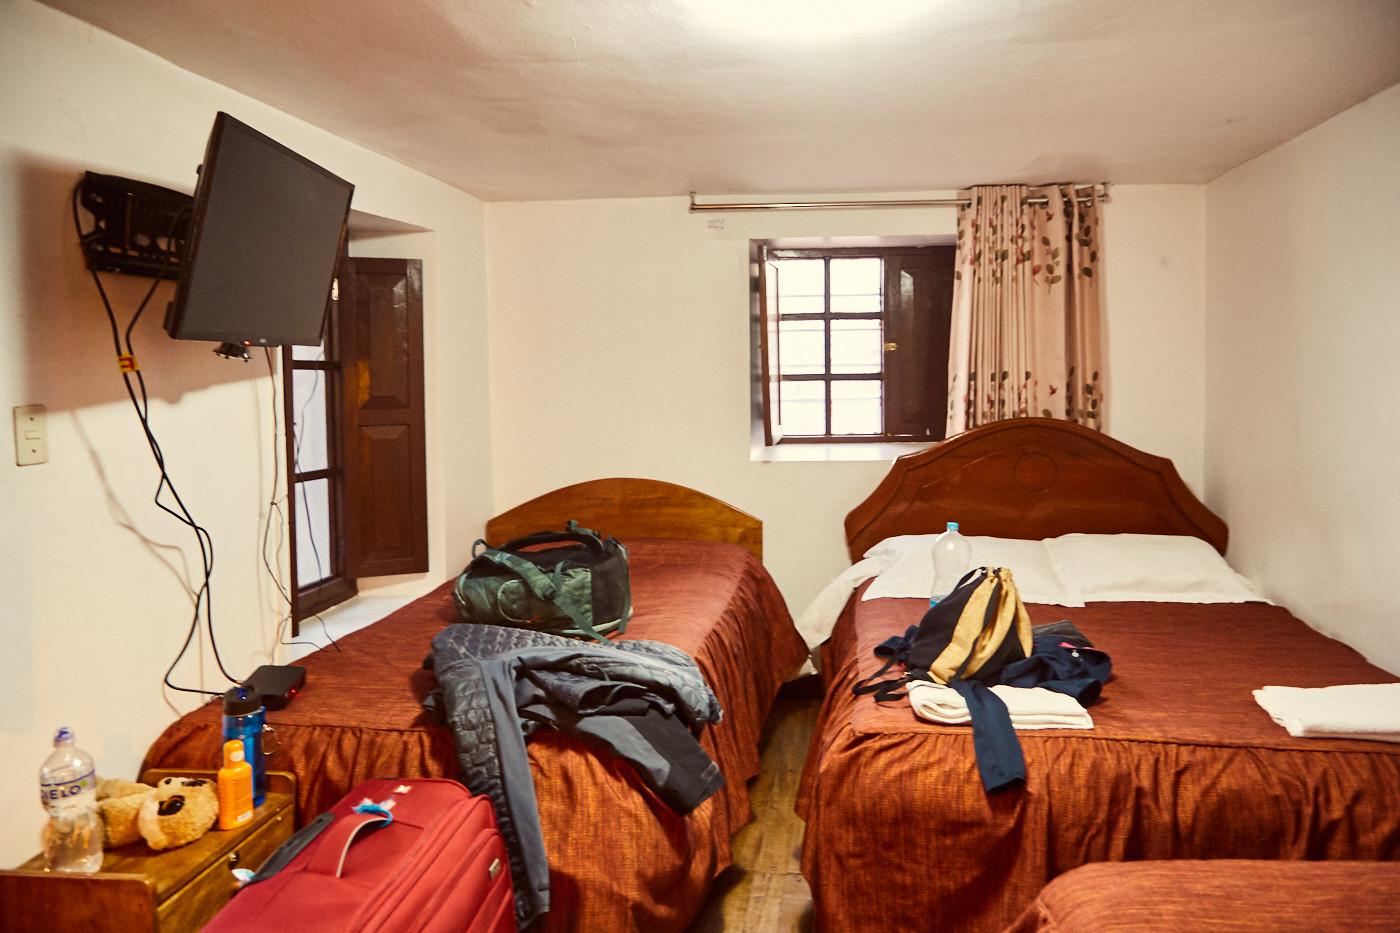 Eine einfache Unterkunft in Cusco, Peru